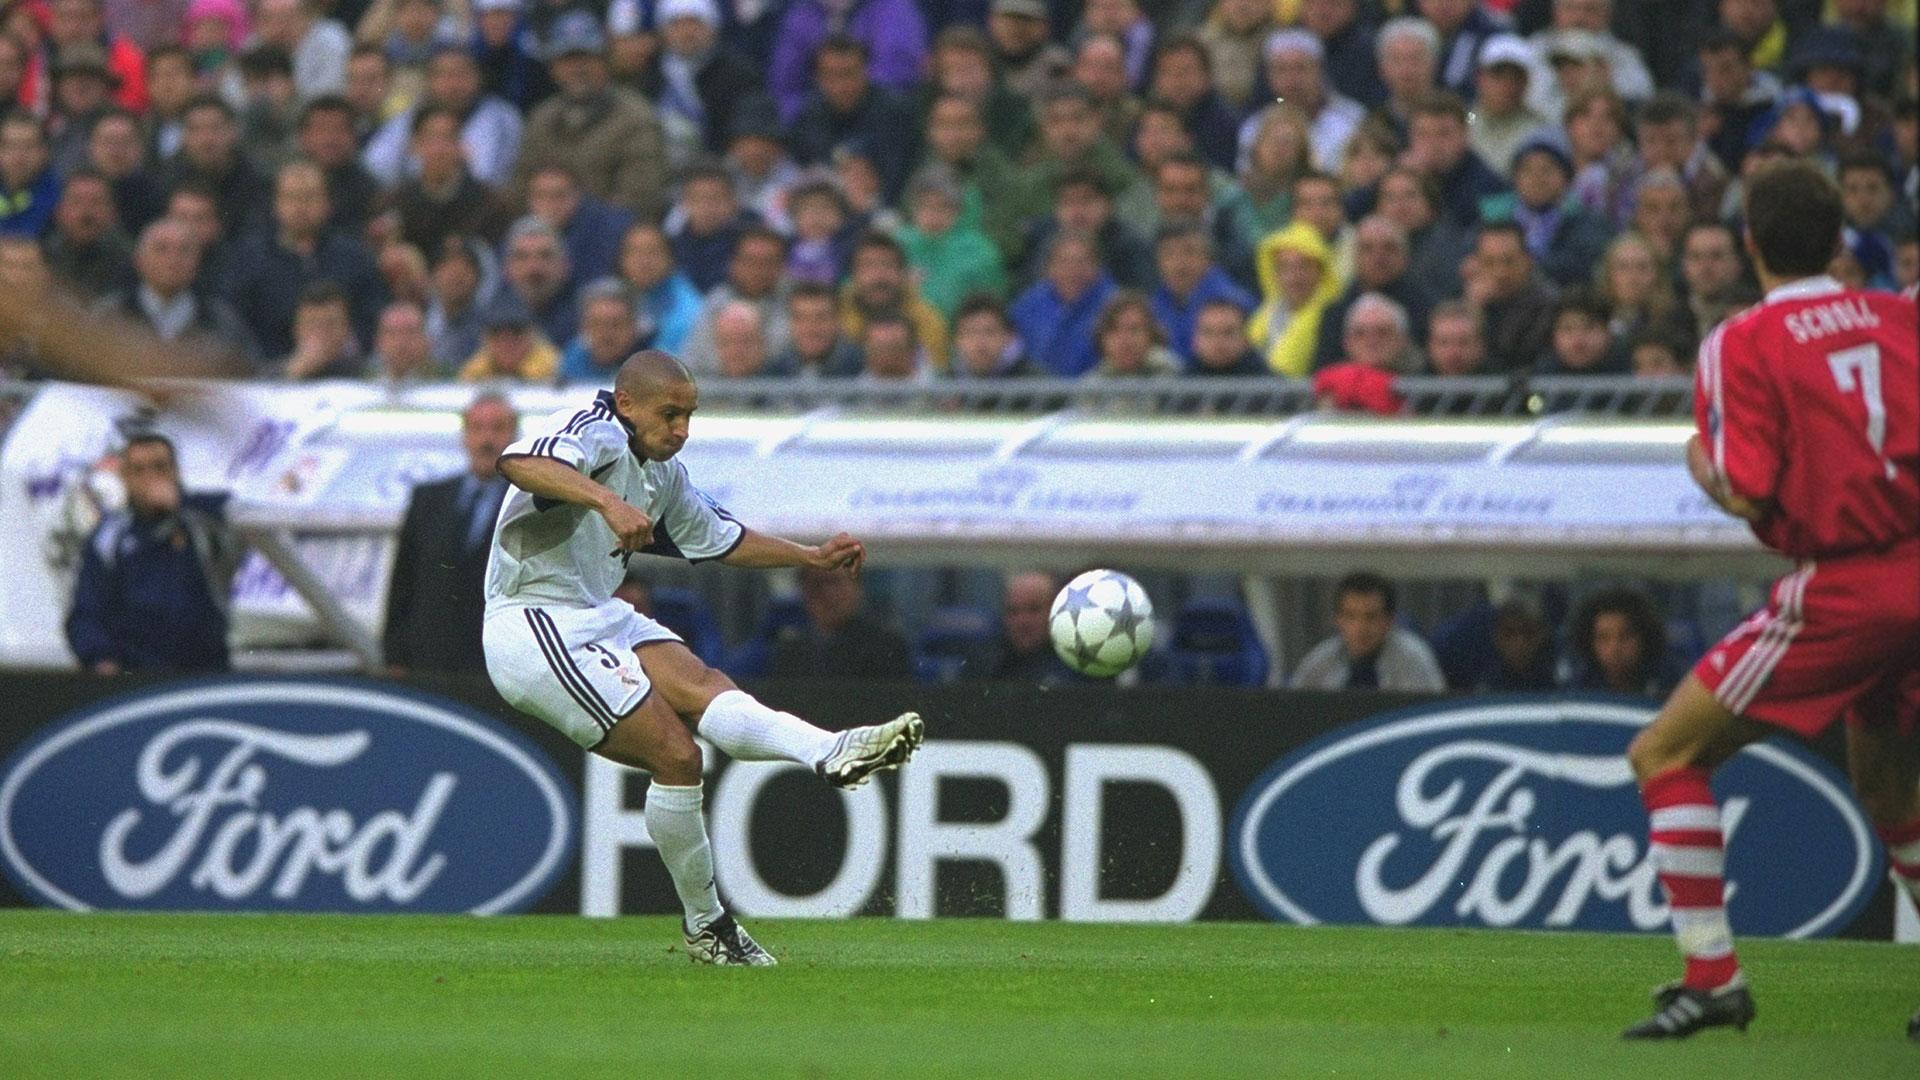 Roberto Carlos Real Madrid Champions League